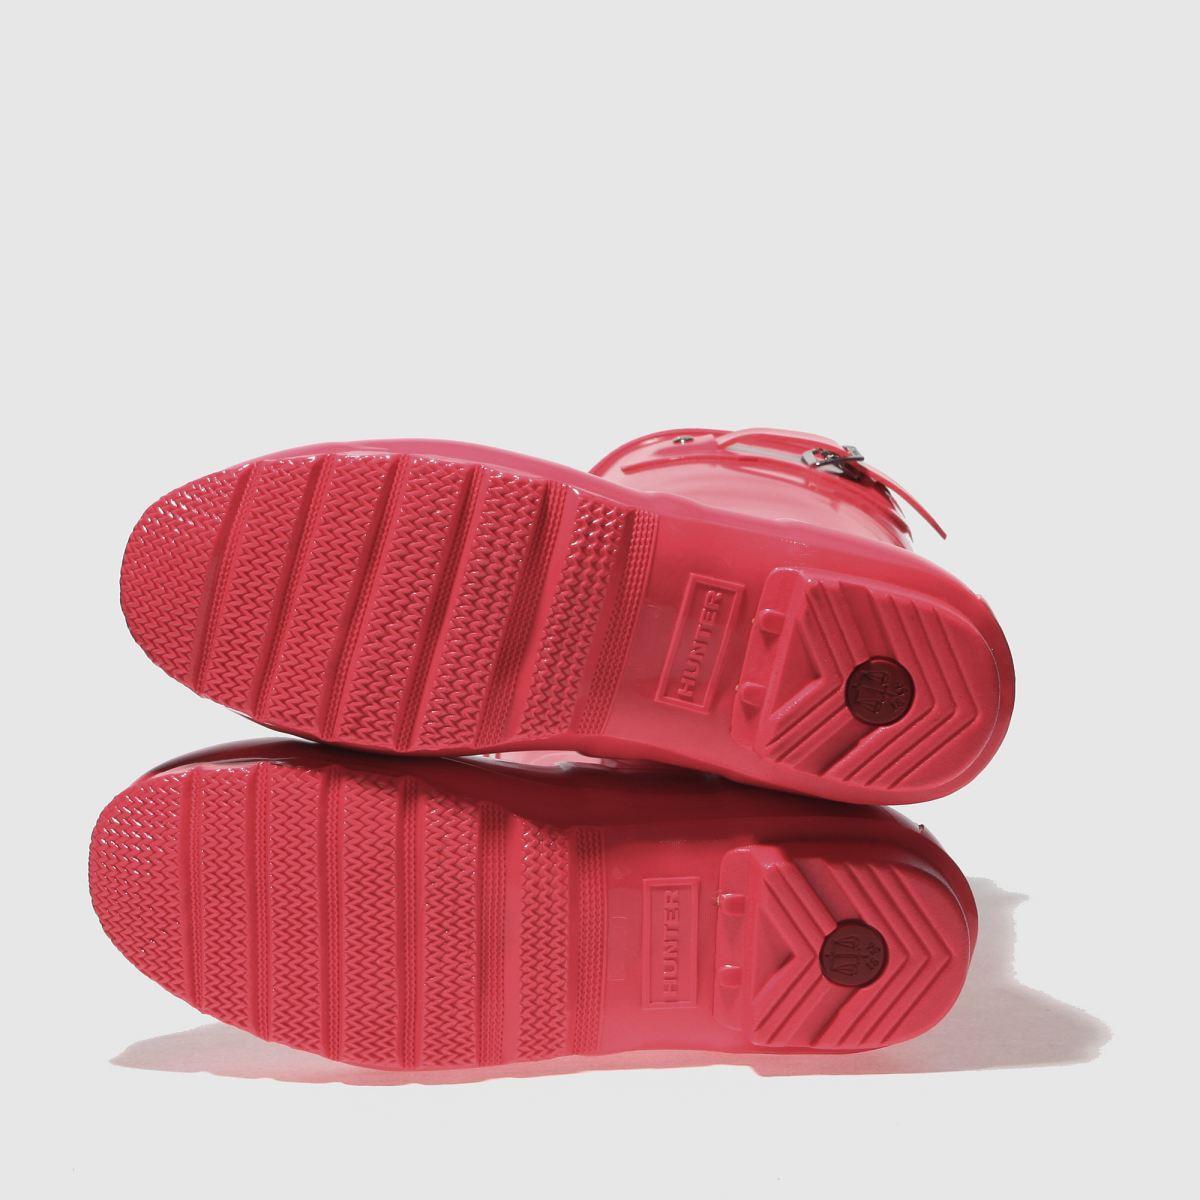 Damen Pink Boots hunter Original Short Gloss Boots Pink | schuh Gute Qualität beliebte Schuhe 7dad9f